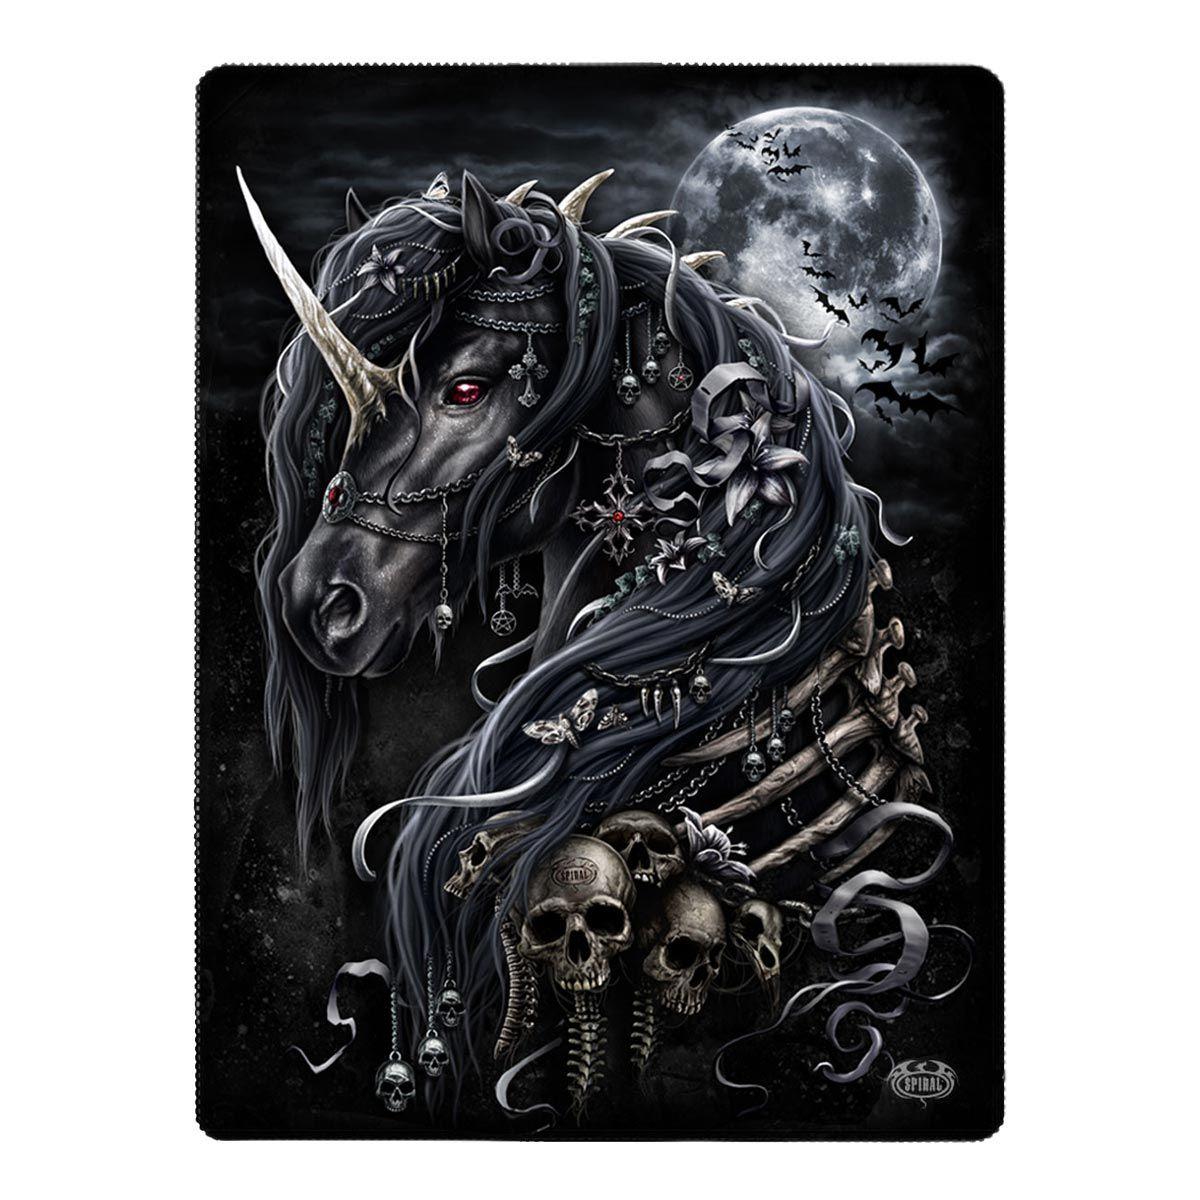 Jetzt günstig online bestellen: Gothic Fleece Wohndecke im Mystic Look - Dark Unicorn - Entdecke die dunkle Welt von VOODOOMANIACS !